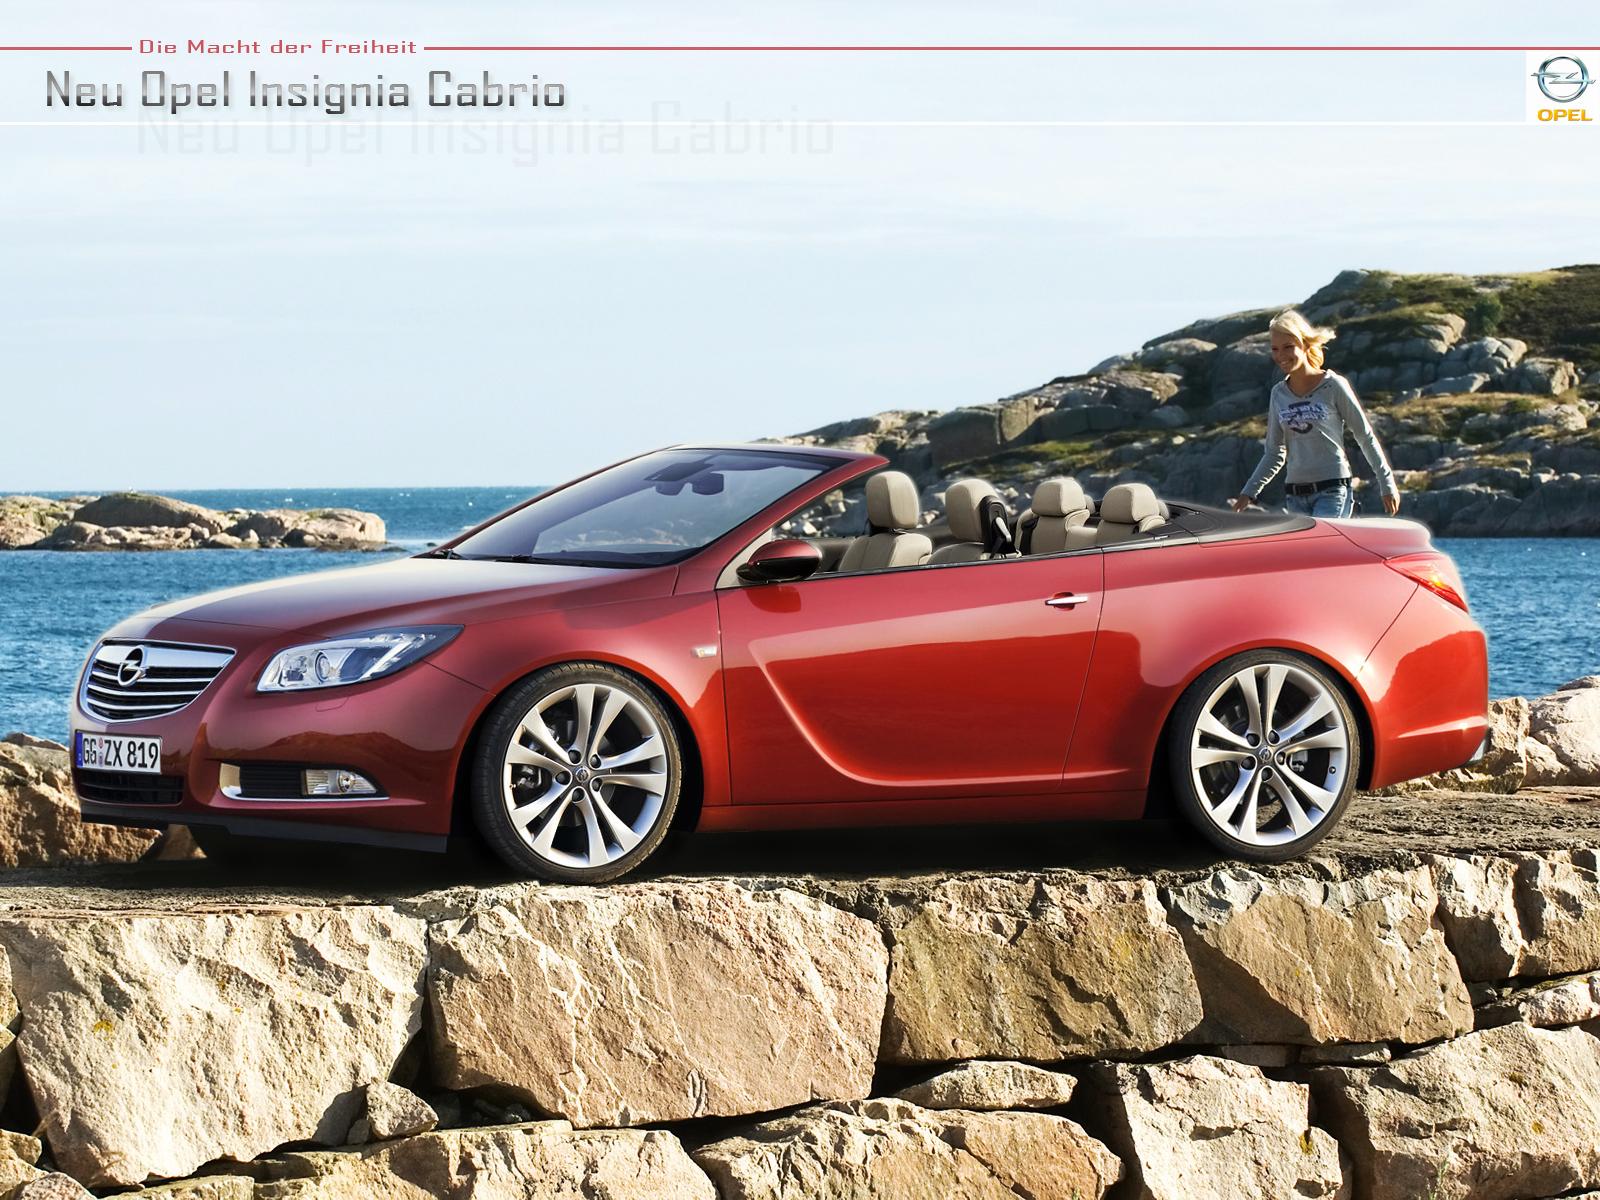 Opel_Insignia_Cabrio_by_EvolveKonceptz.jpg